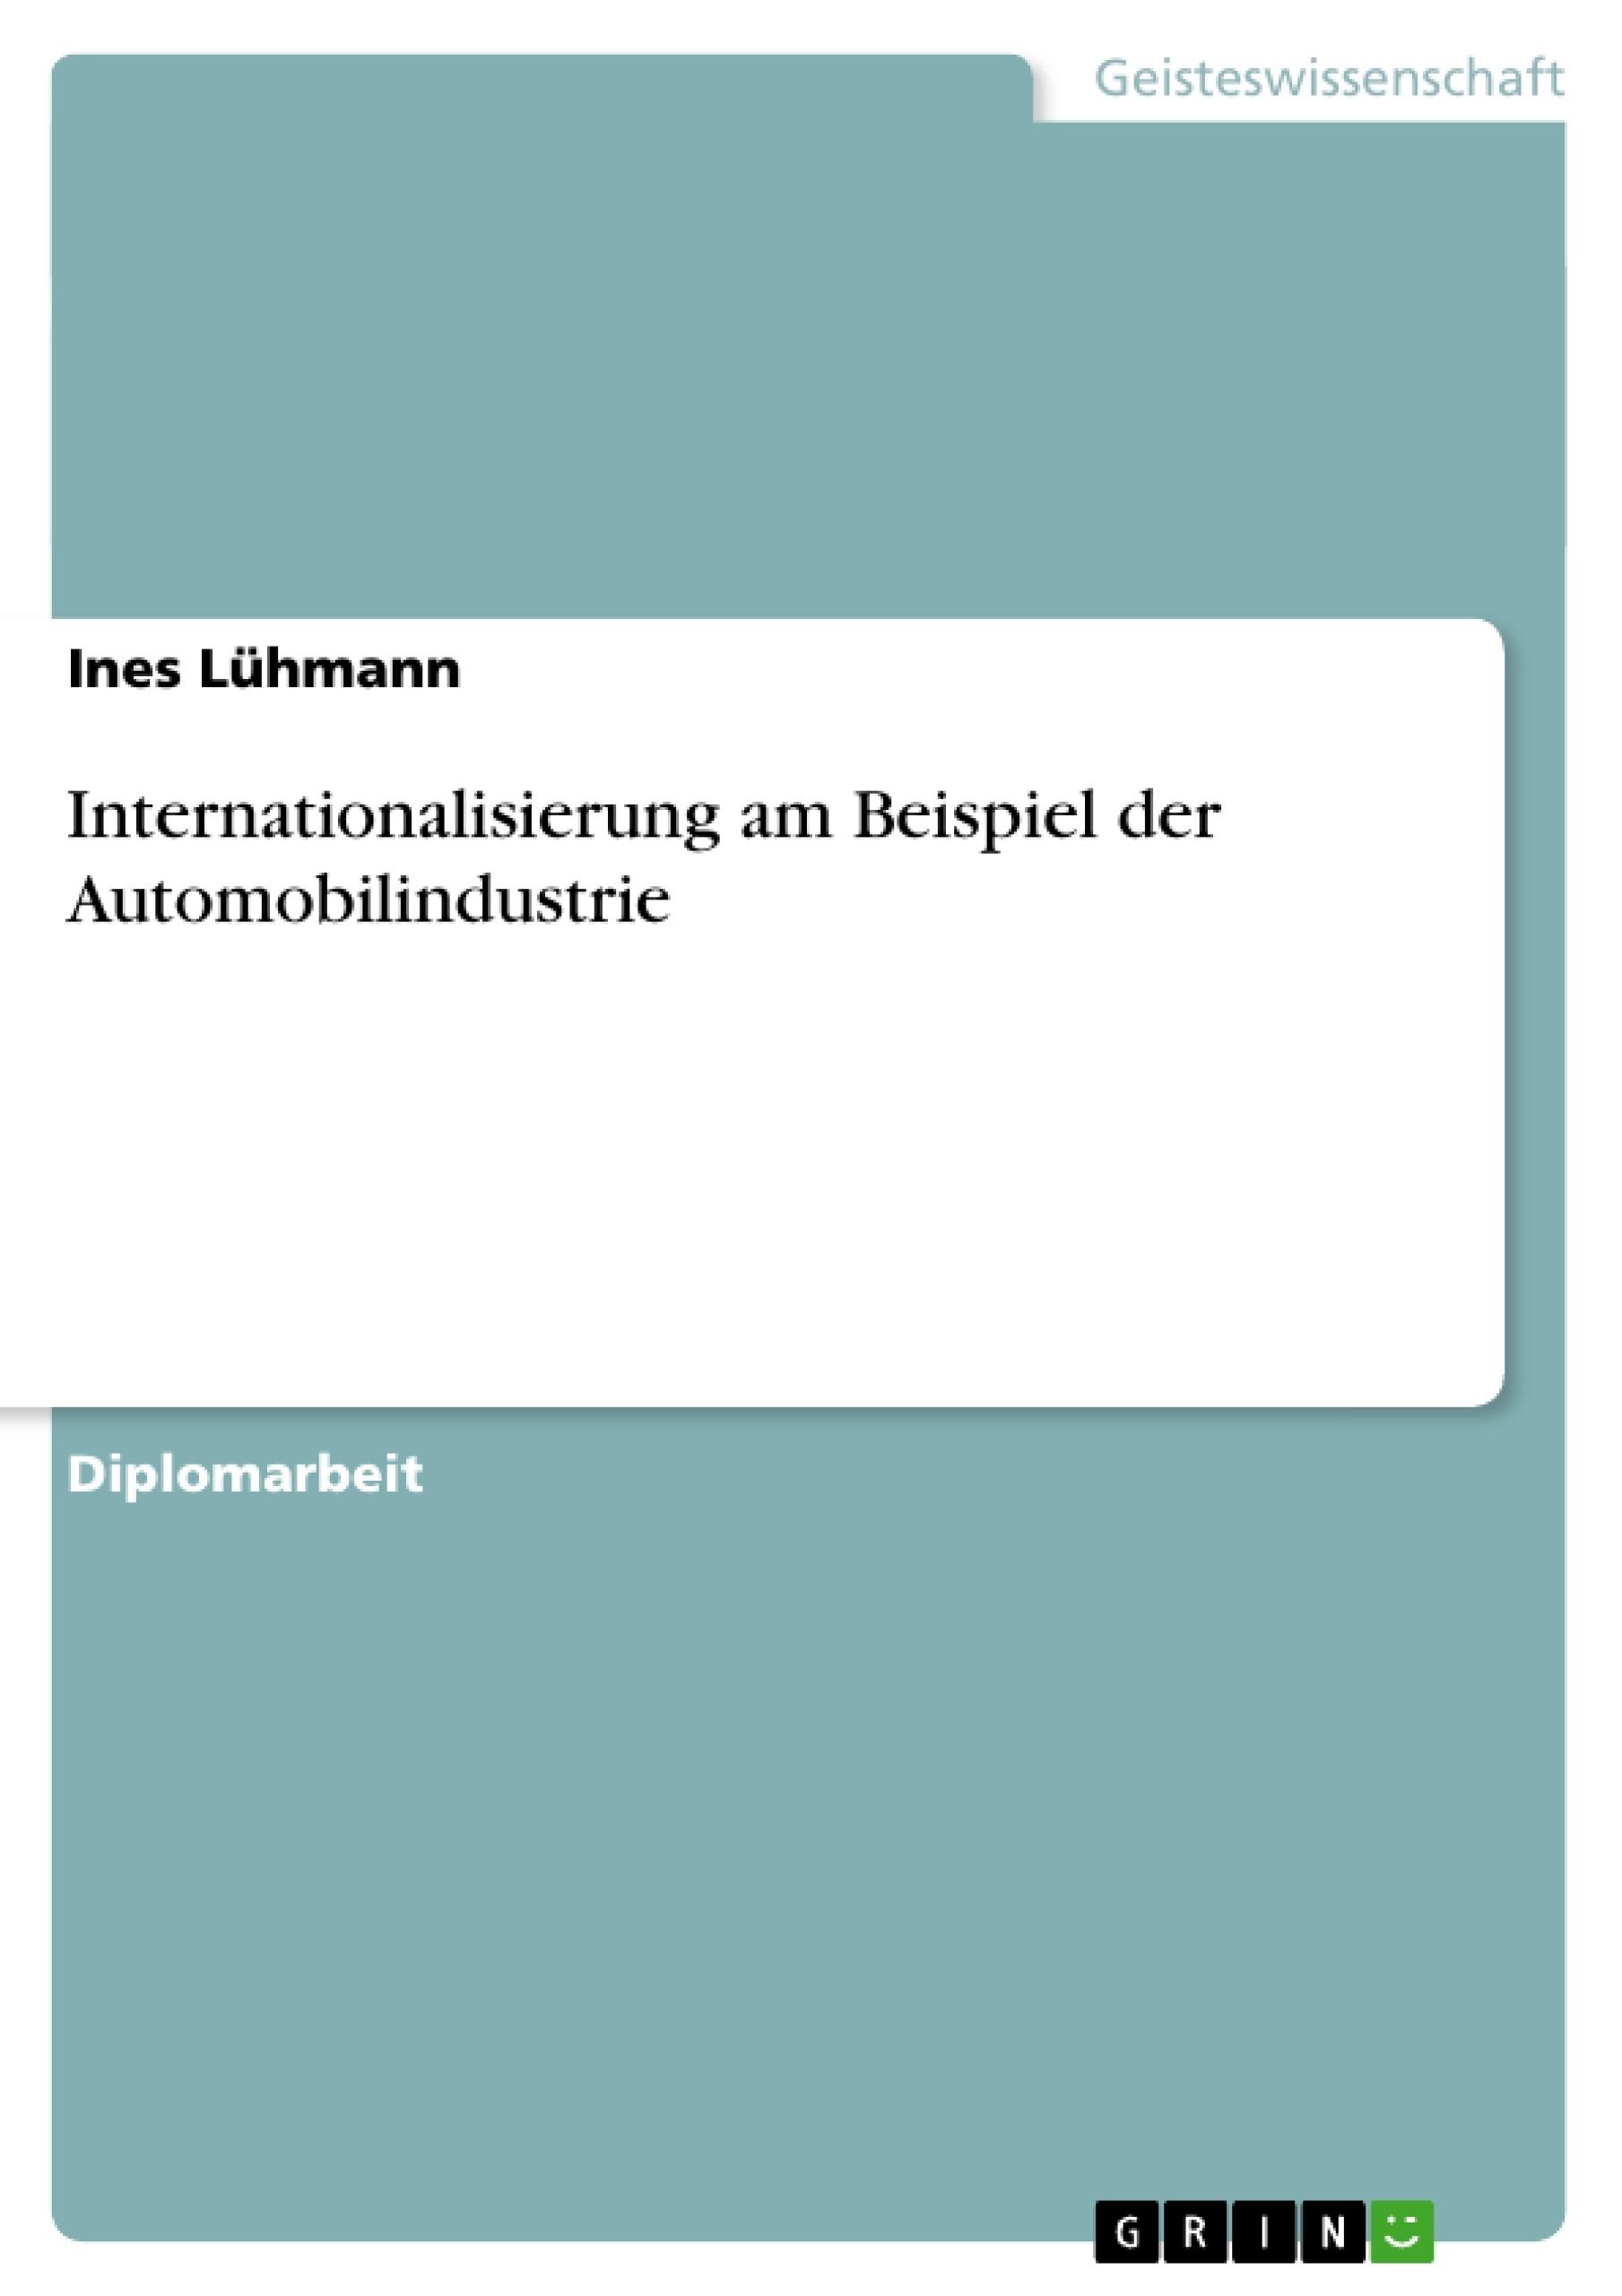 Titel: Internationalisierung am Beispiel der Automobilindustrie